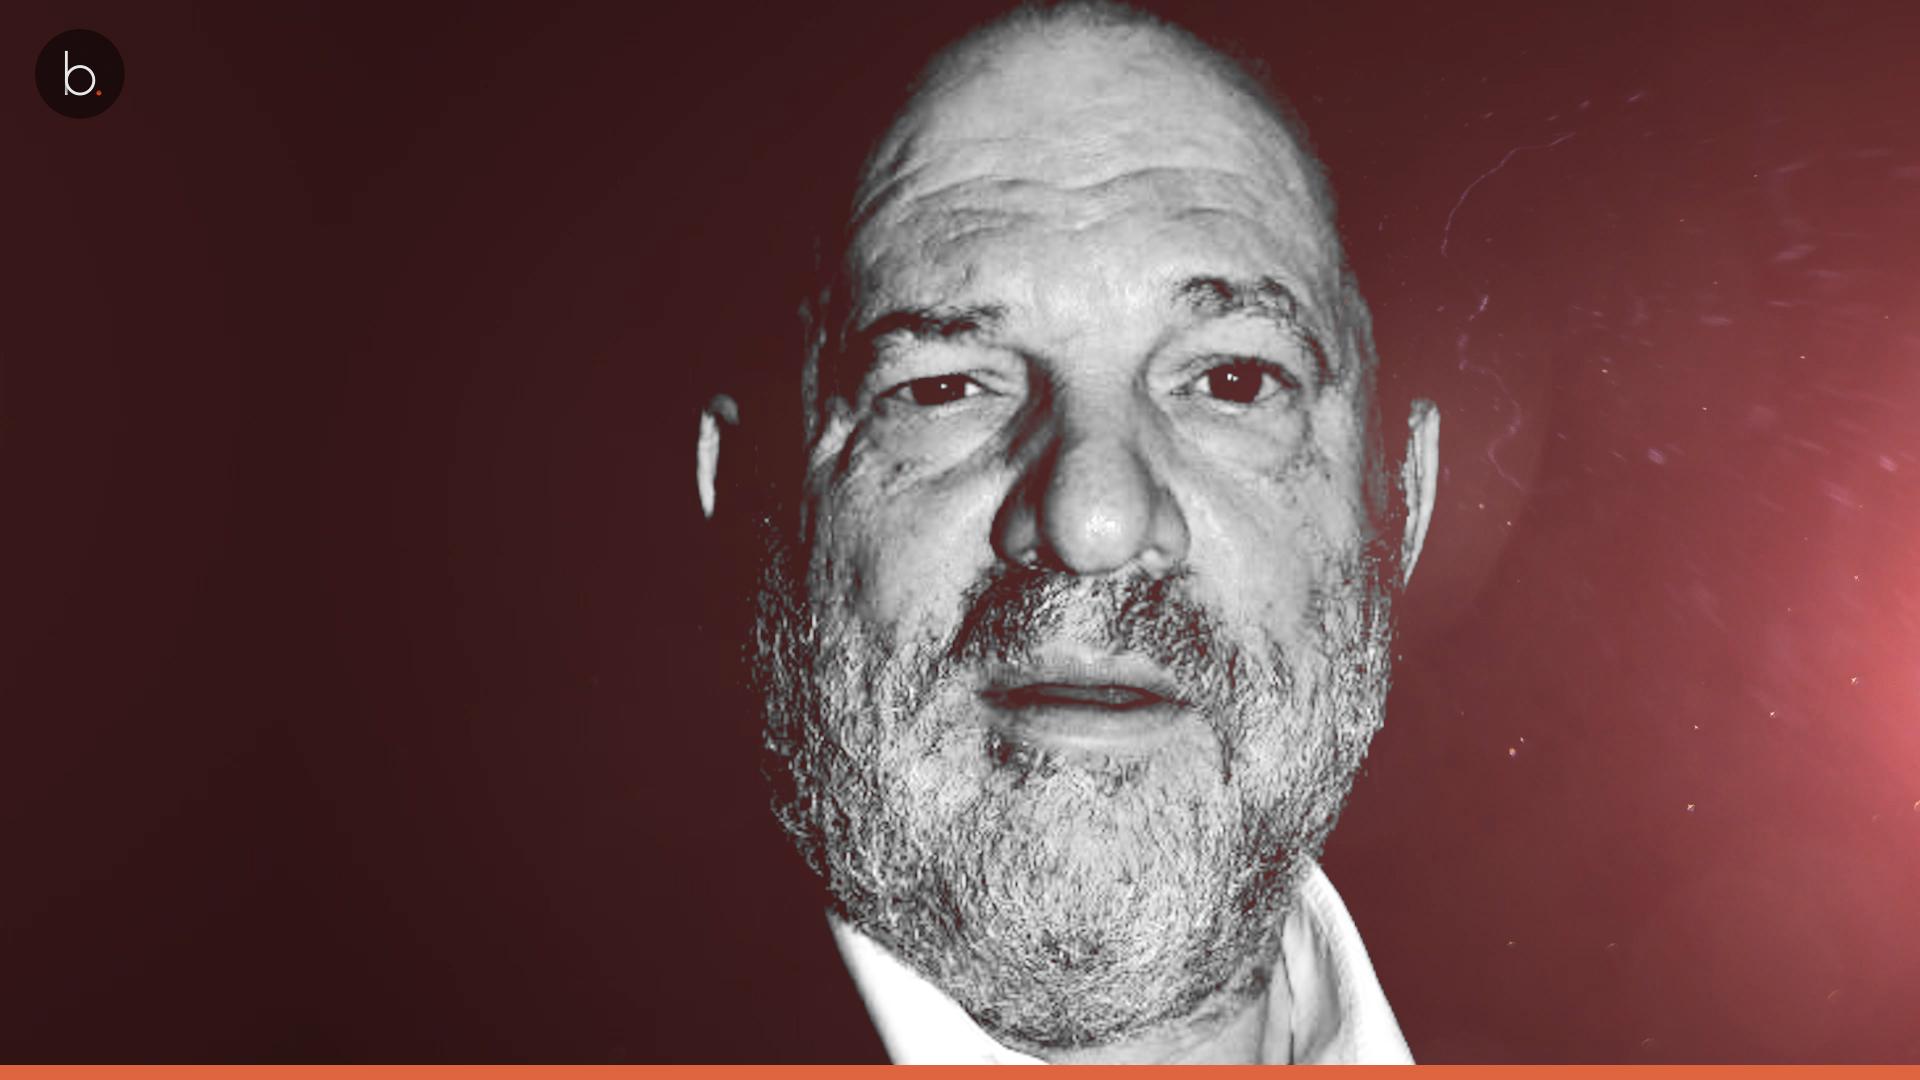 Hollywood rompe su silencio y condena a Harvey Weinstein